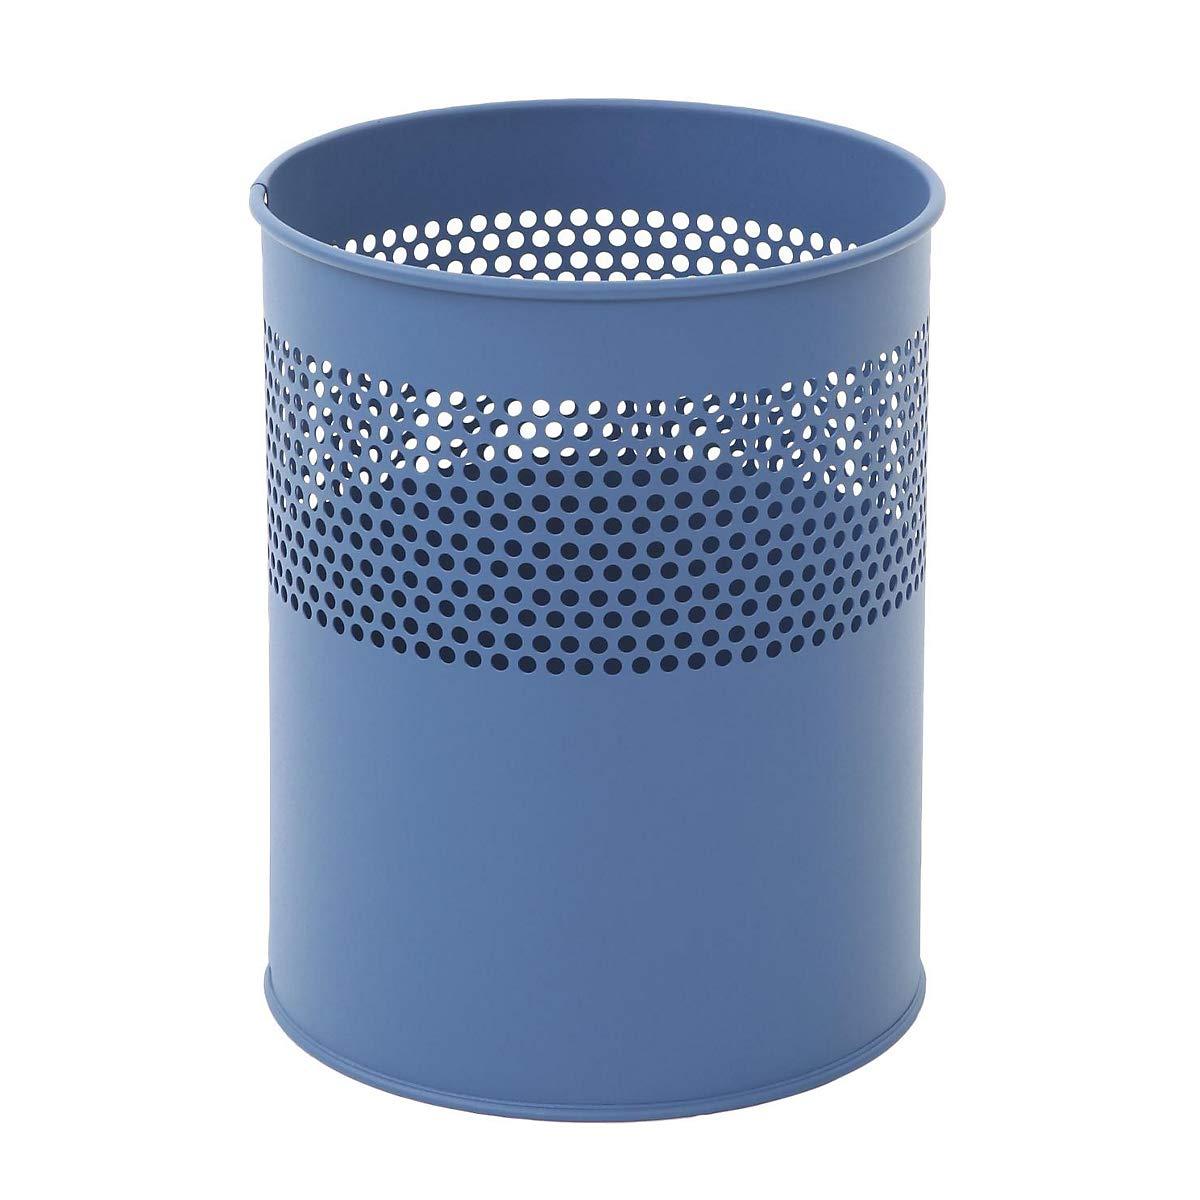 V-Part de VB 270510 - Papelera cilíndrica de V-Part metal (10 L), color azul 054209